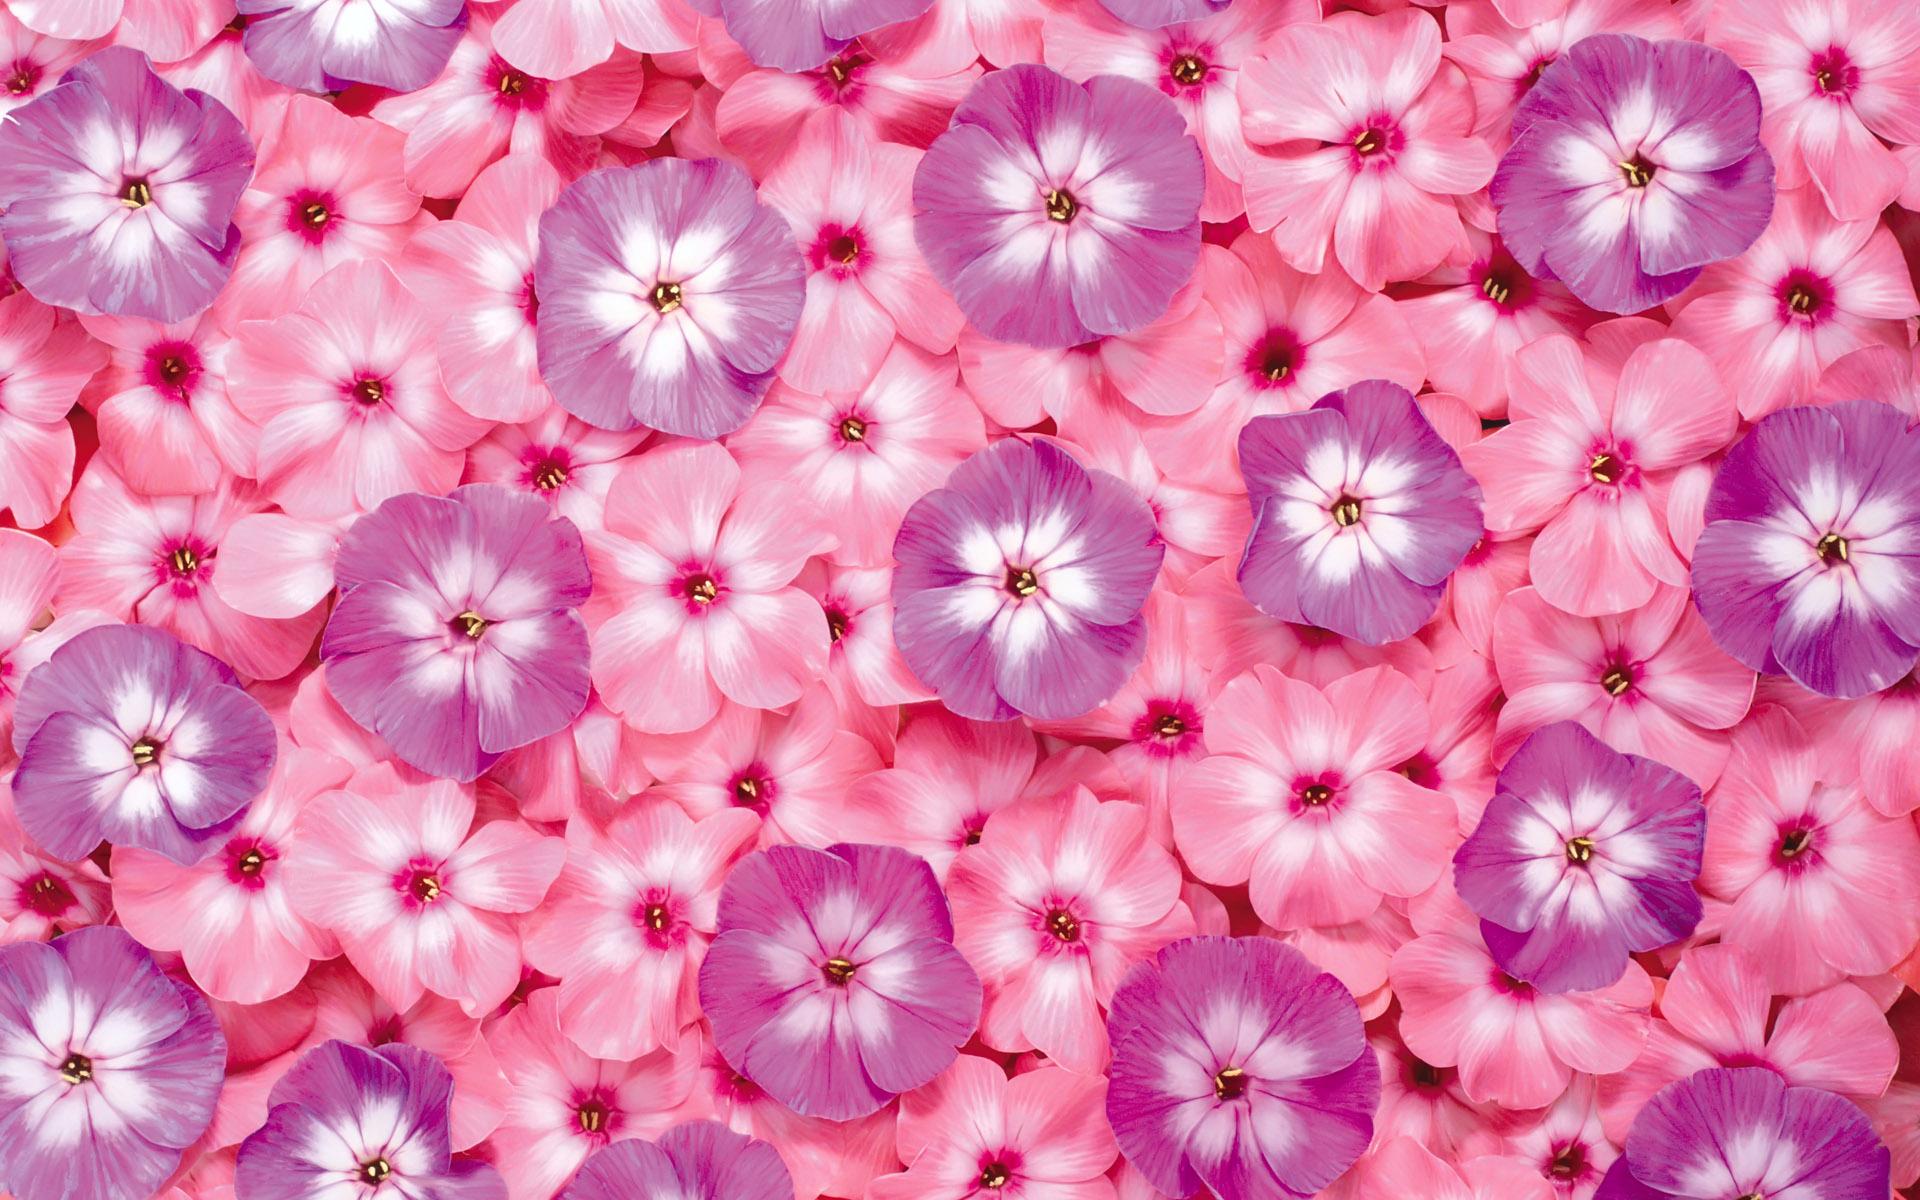 Букеты  красивые фото и картинки лучших букетов цветов